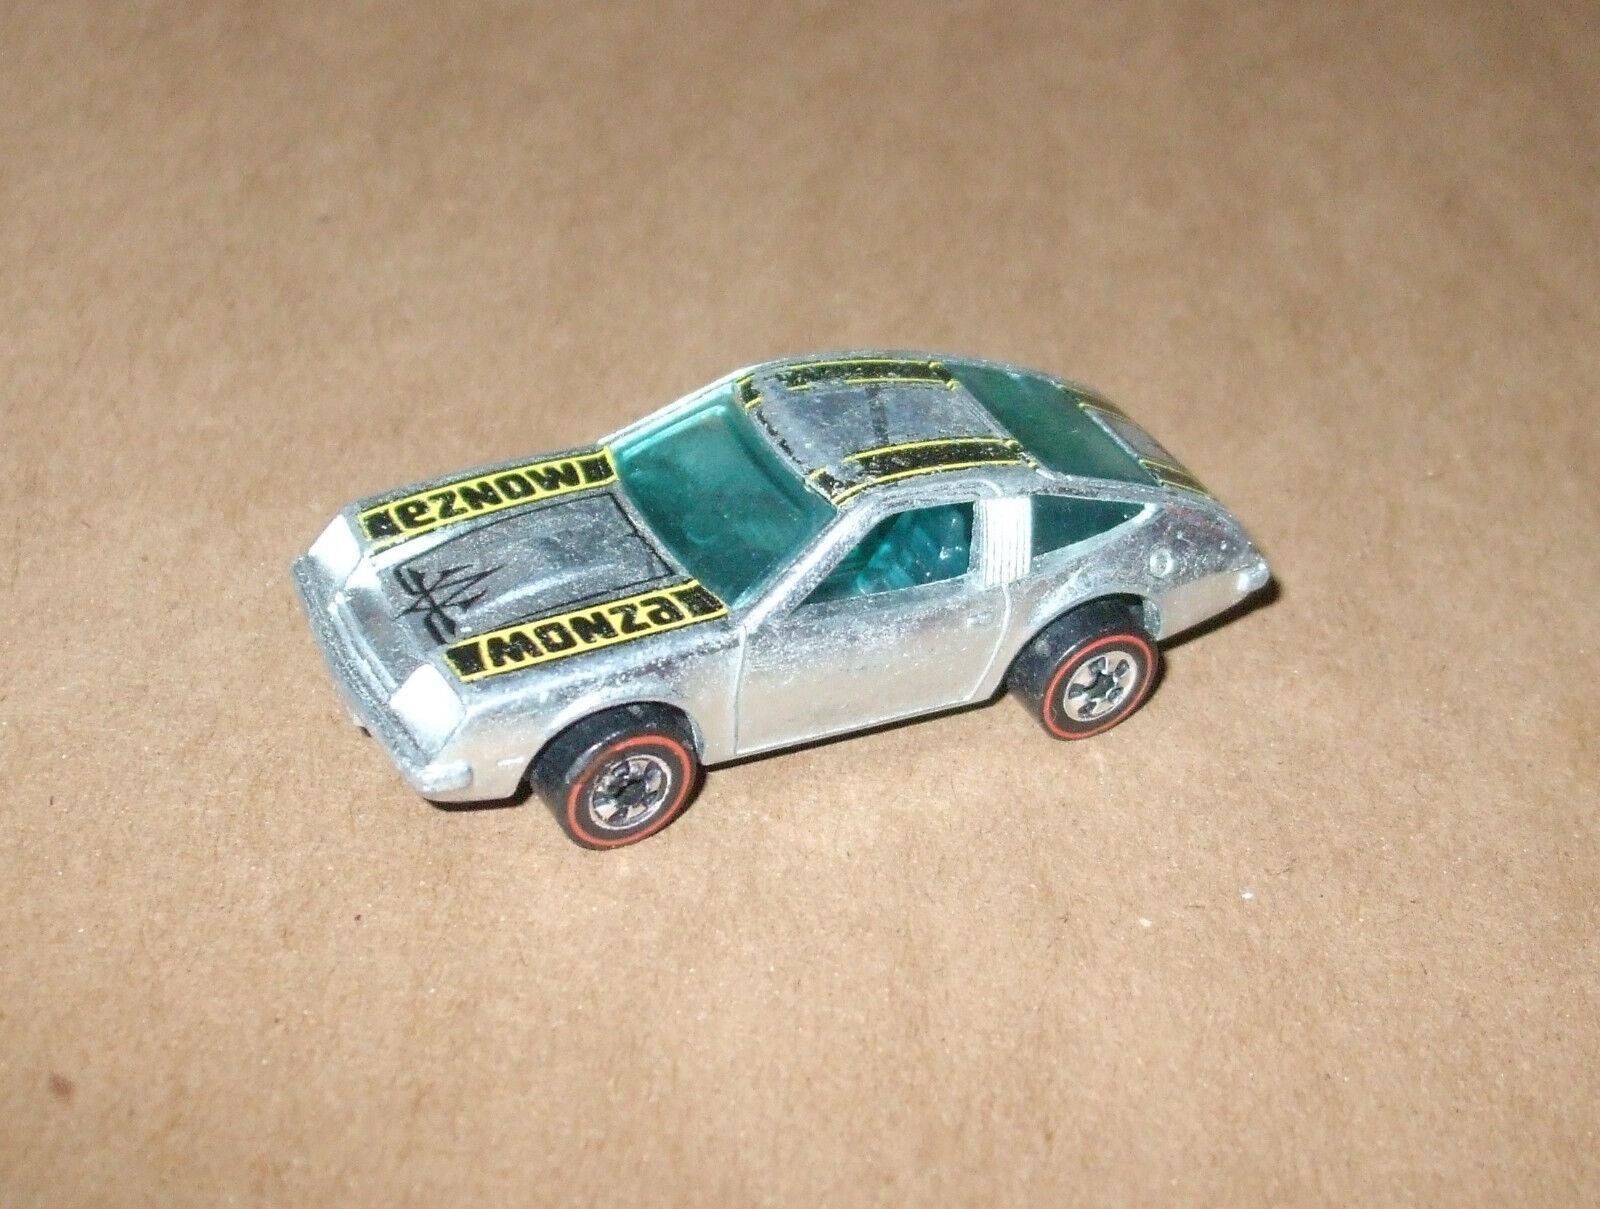 Entrega rápida y envío gratis en todos los pedidos. 1974 Hot Wheels Cromo Chevy Chevy Chevy Monza 2 + 2 líneas rojas tiene menor Ware. muy agradable lo  Ahorre 60% de descuento y envío rápido a todo el mundo.